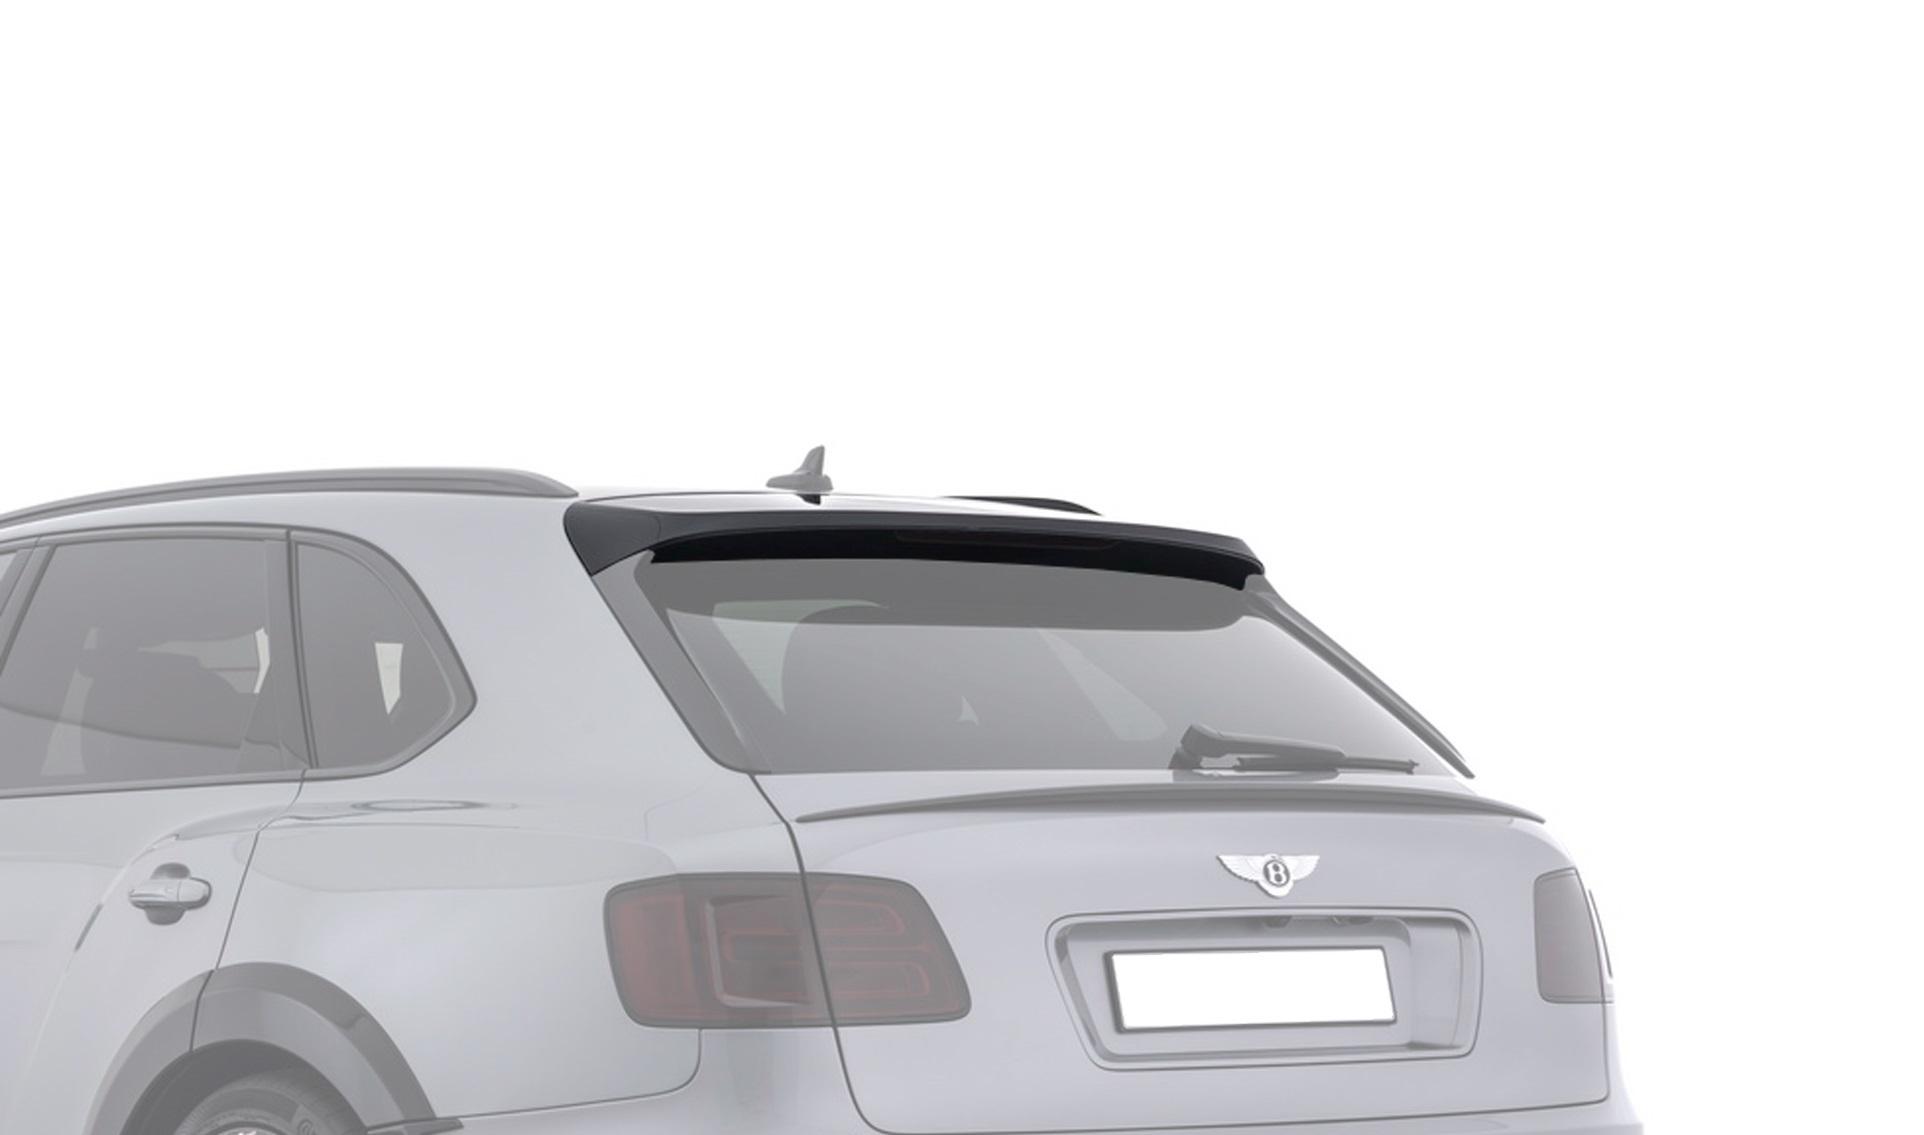 Карбоновый спойлер на багажник Startech Style для Bentley Bentayga